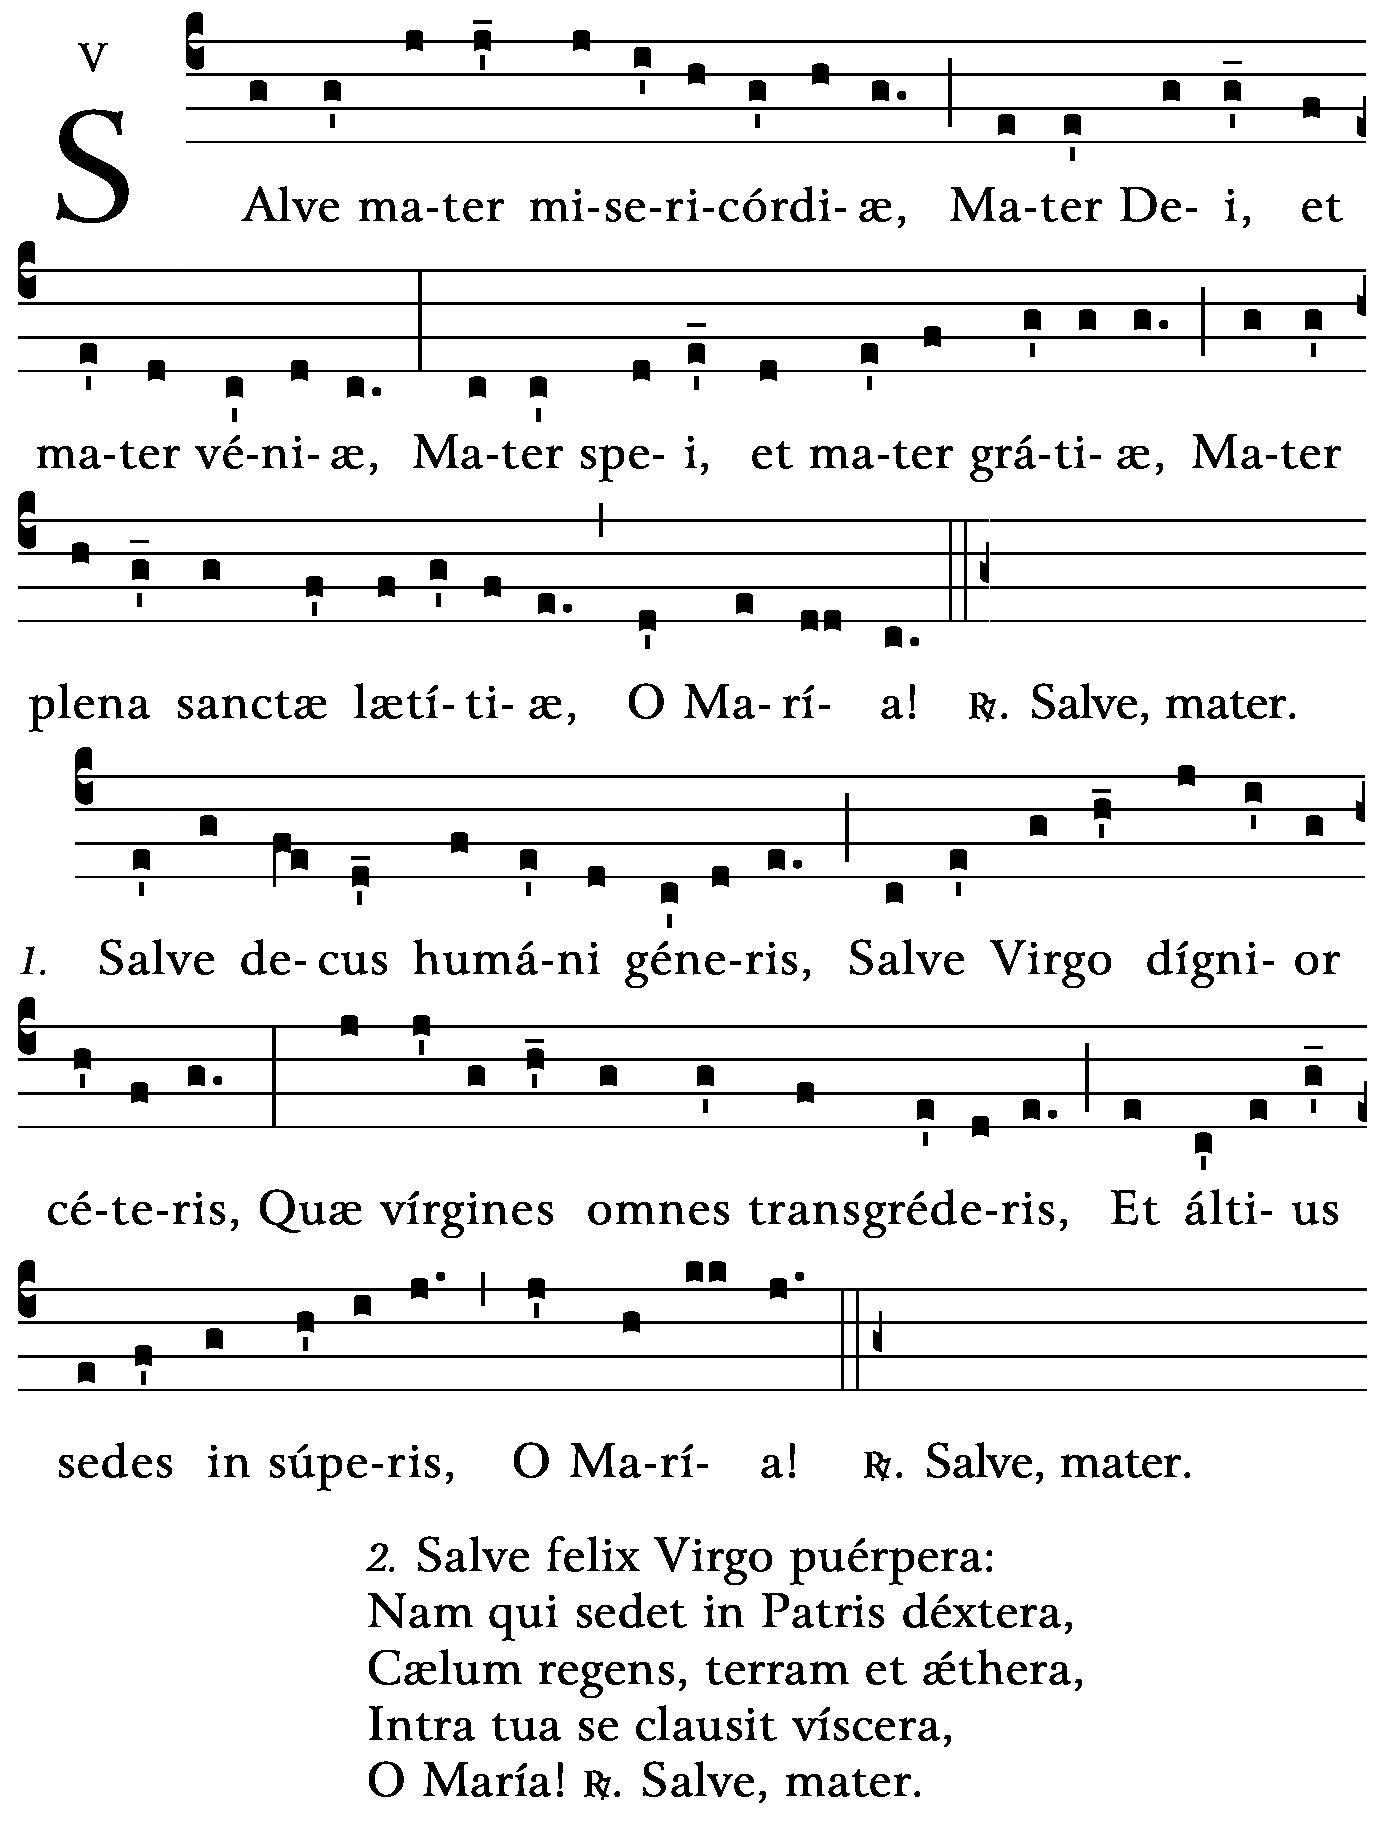 Schola Cantorum Basiliensis* Mittelalter-Ensemble Der Schola Cantorum Basiliensis·/ Montserrat Figueras / Josep Benet / Joaquim Proubasta / Thomas Binkley - Cantigas De Santa Maria